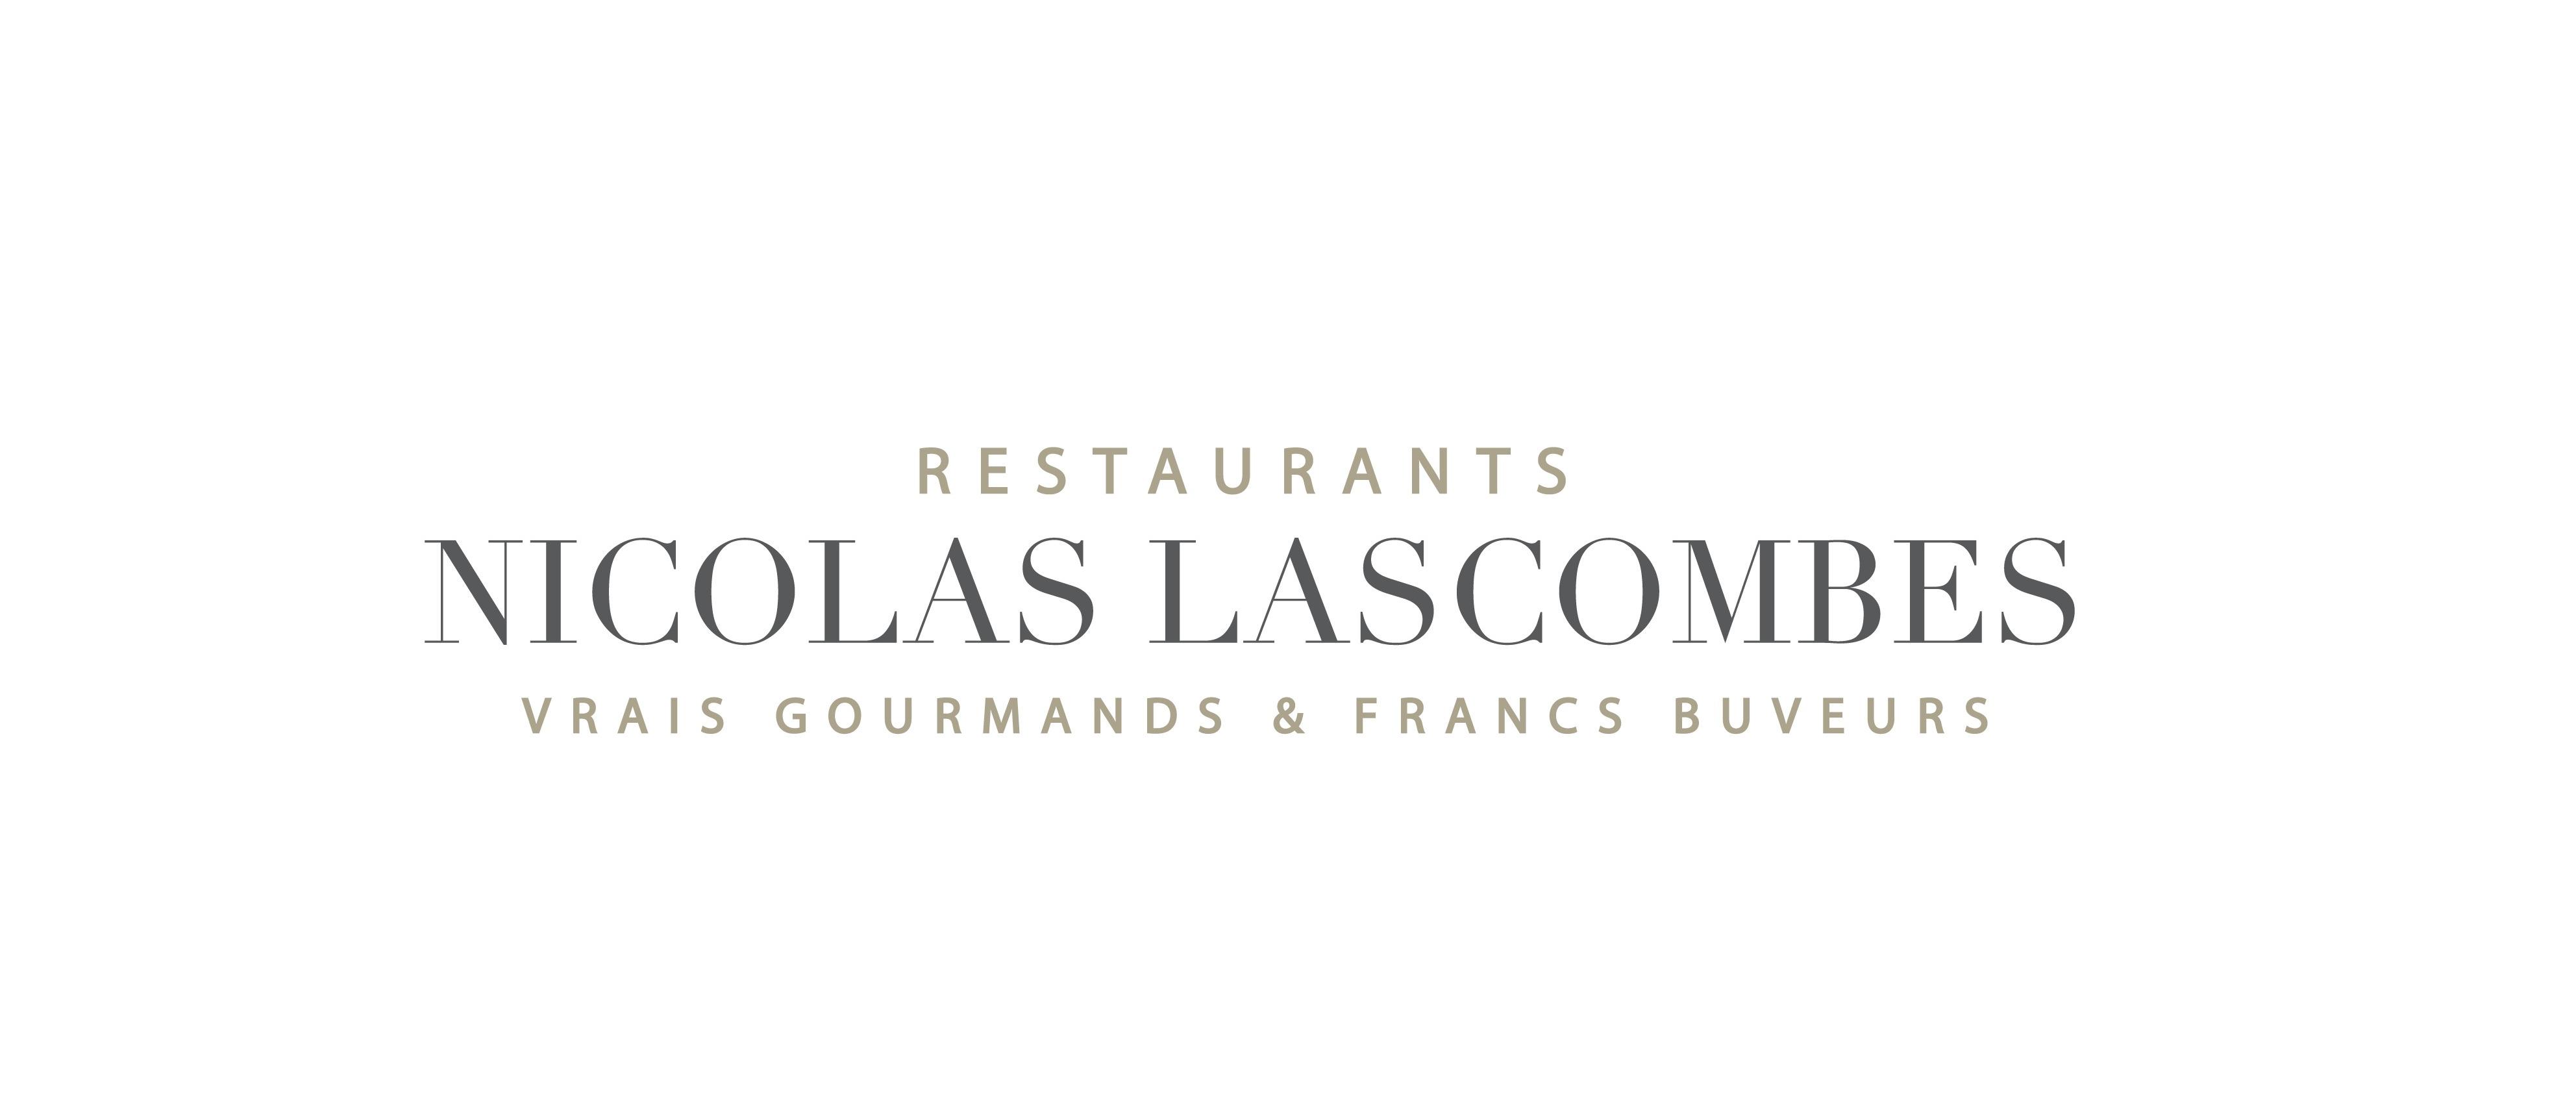 Nicolas Lascombes